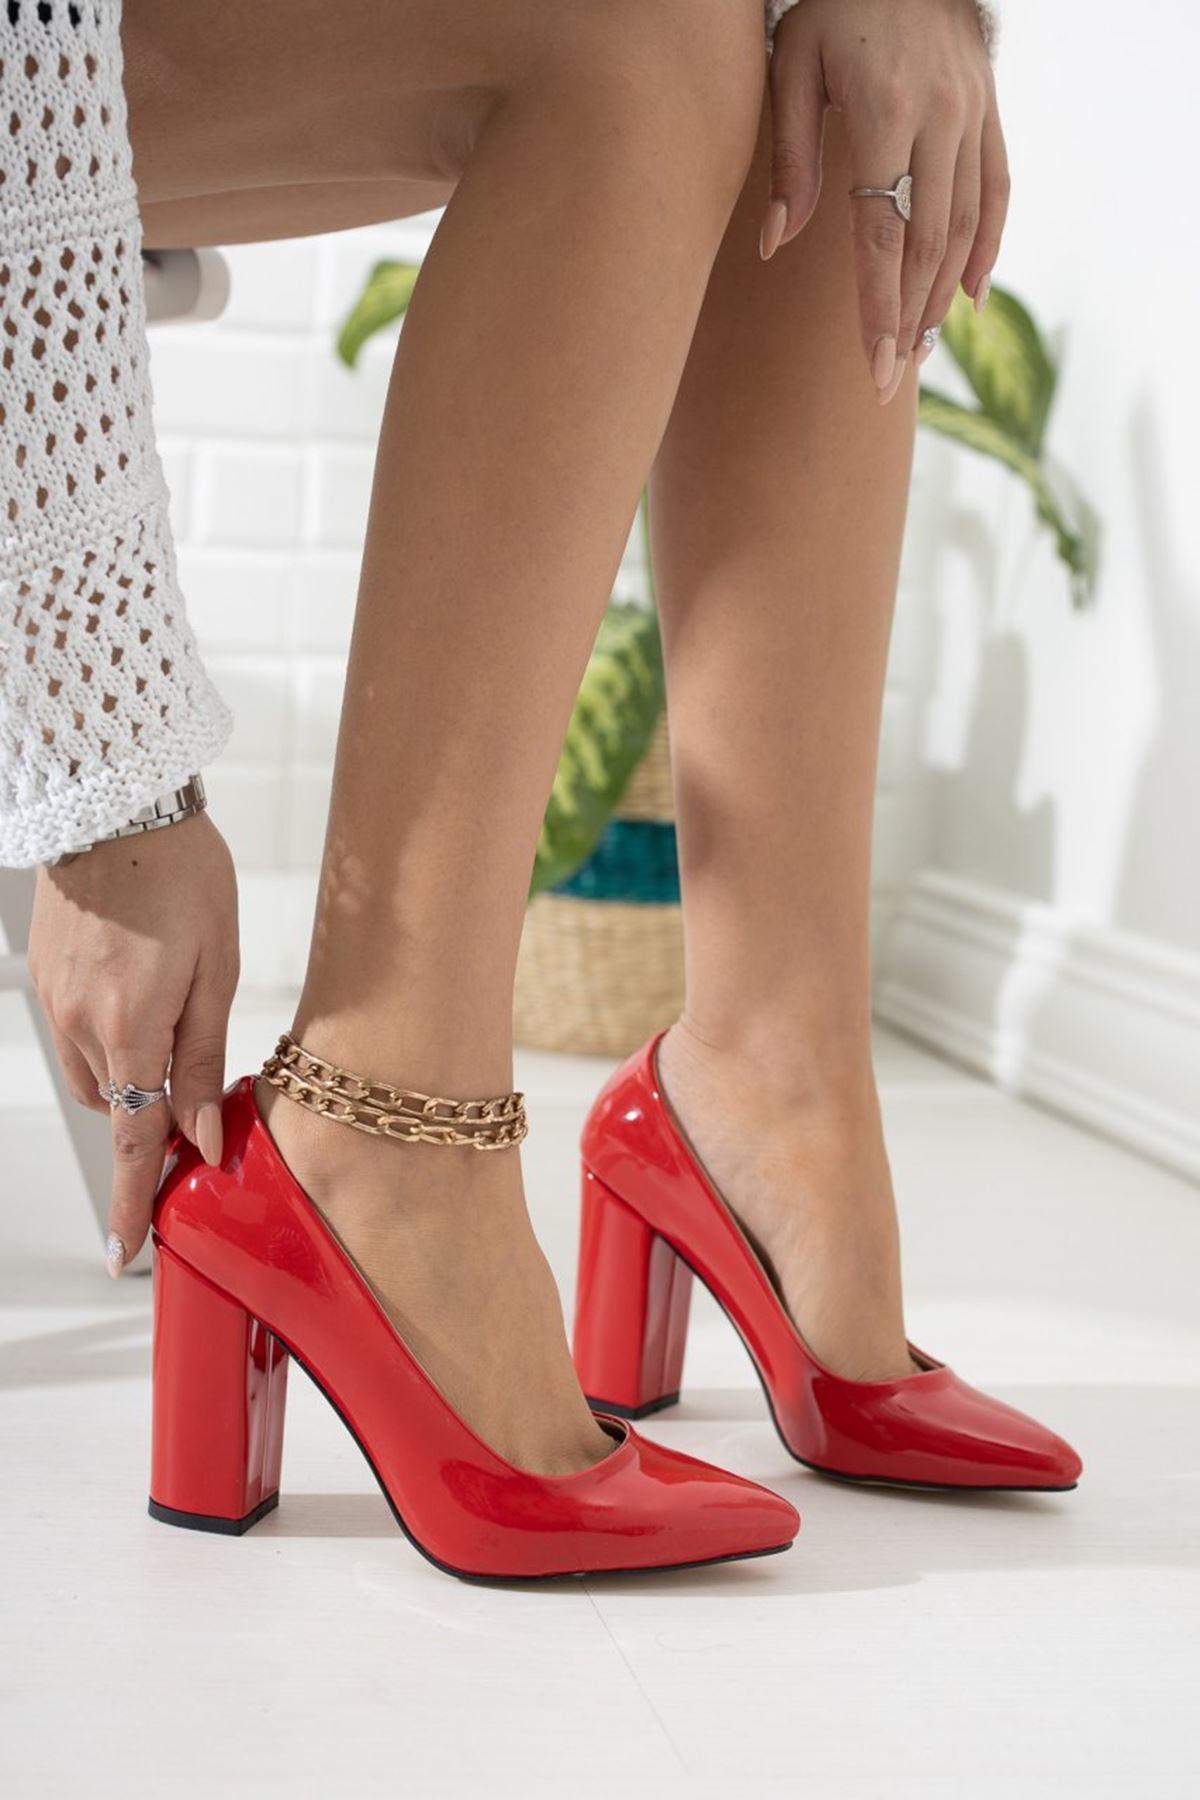 Kadın Kalvi Kalın Topuk Kırmızı Rugan Stiletto